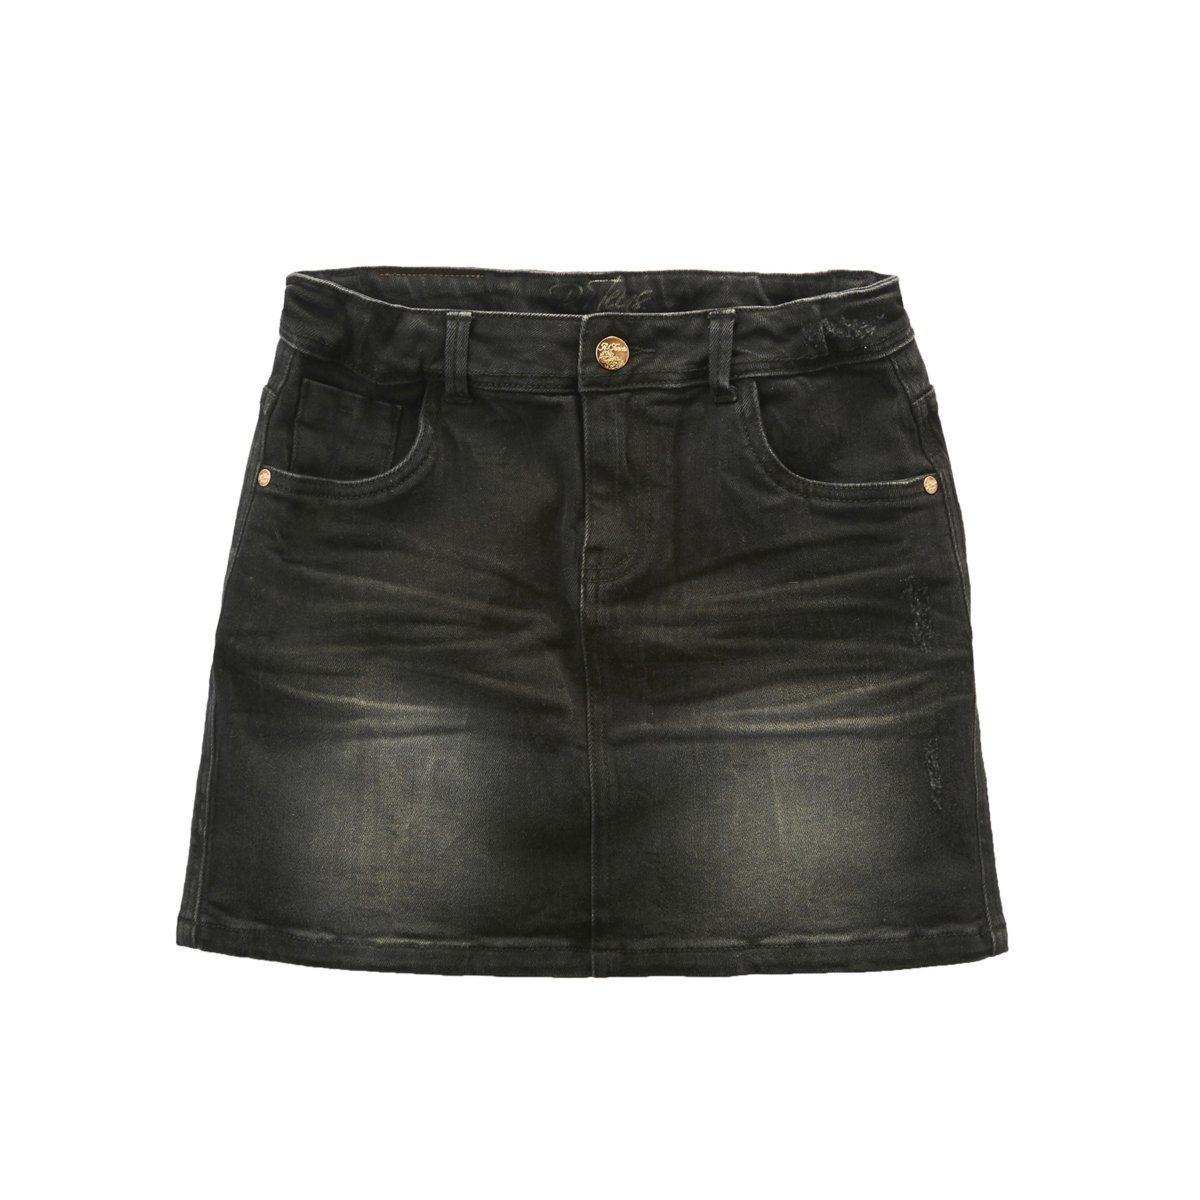 Юбка джинсова короткая, 10-16 лет